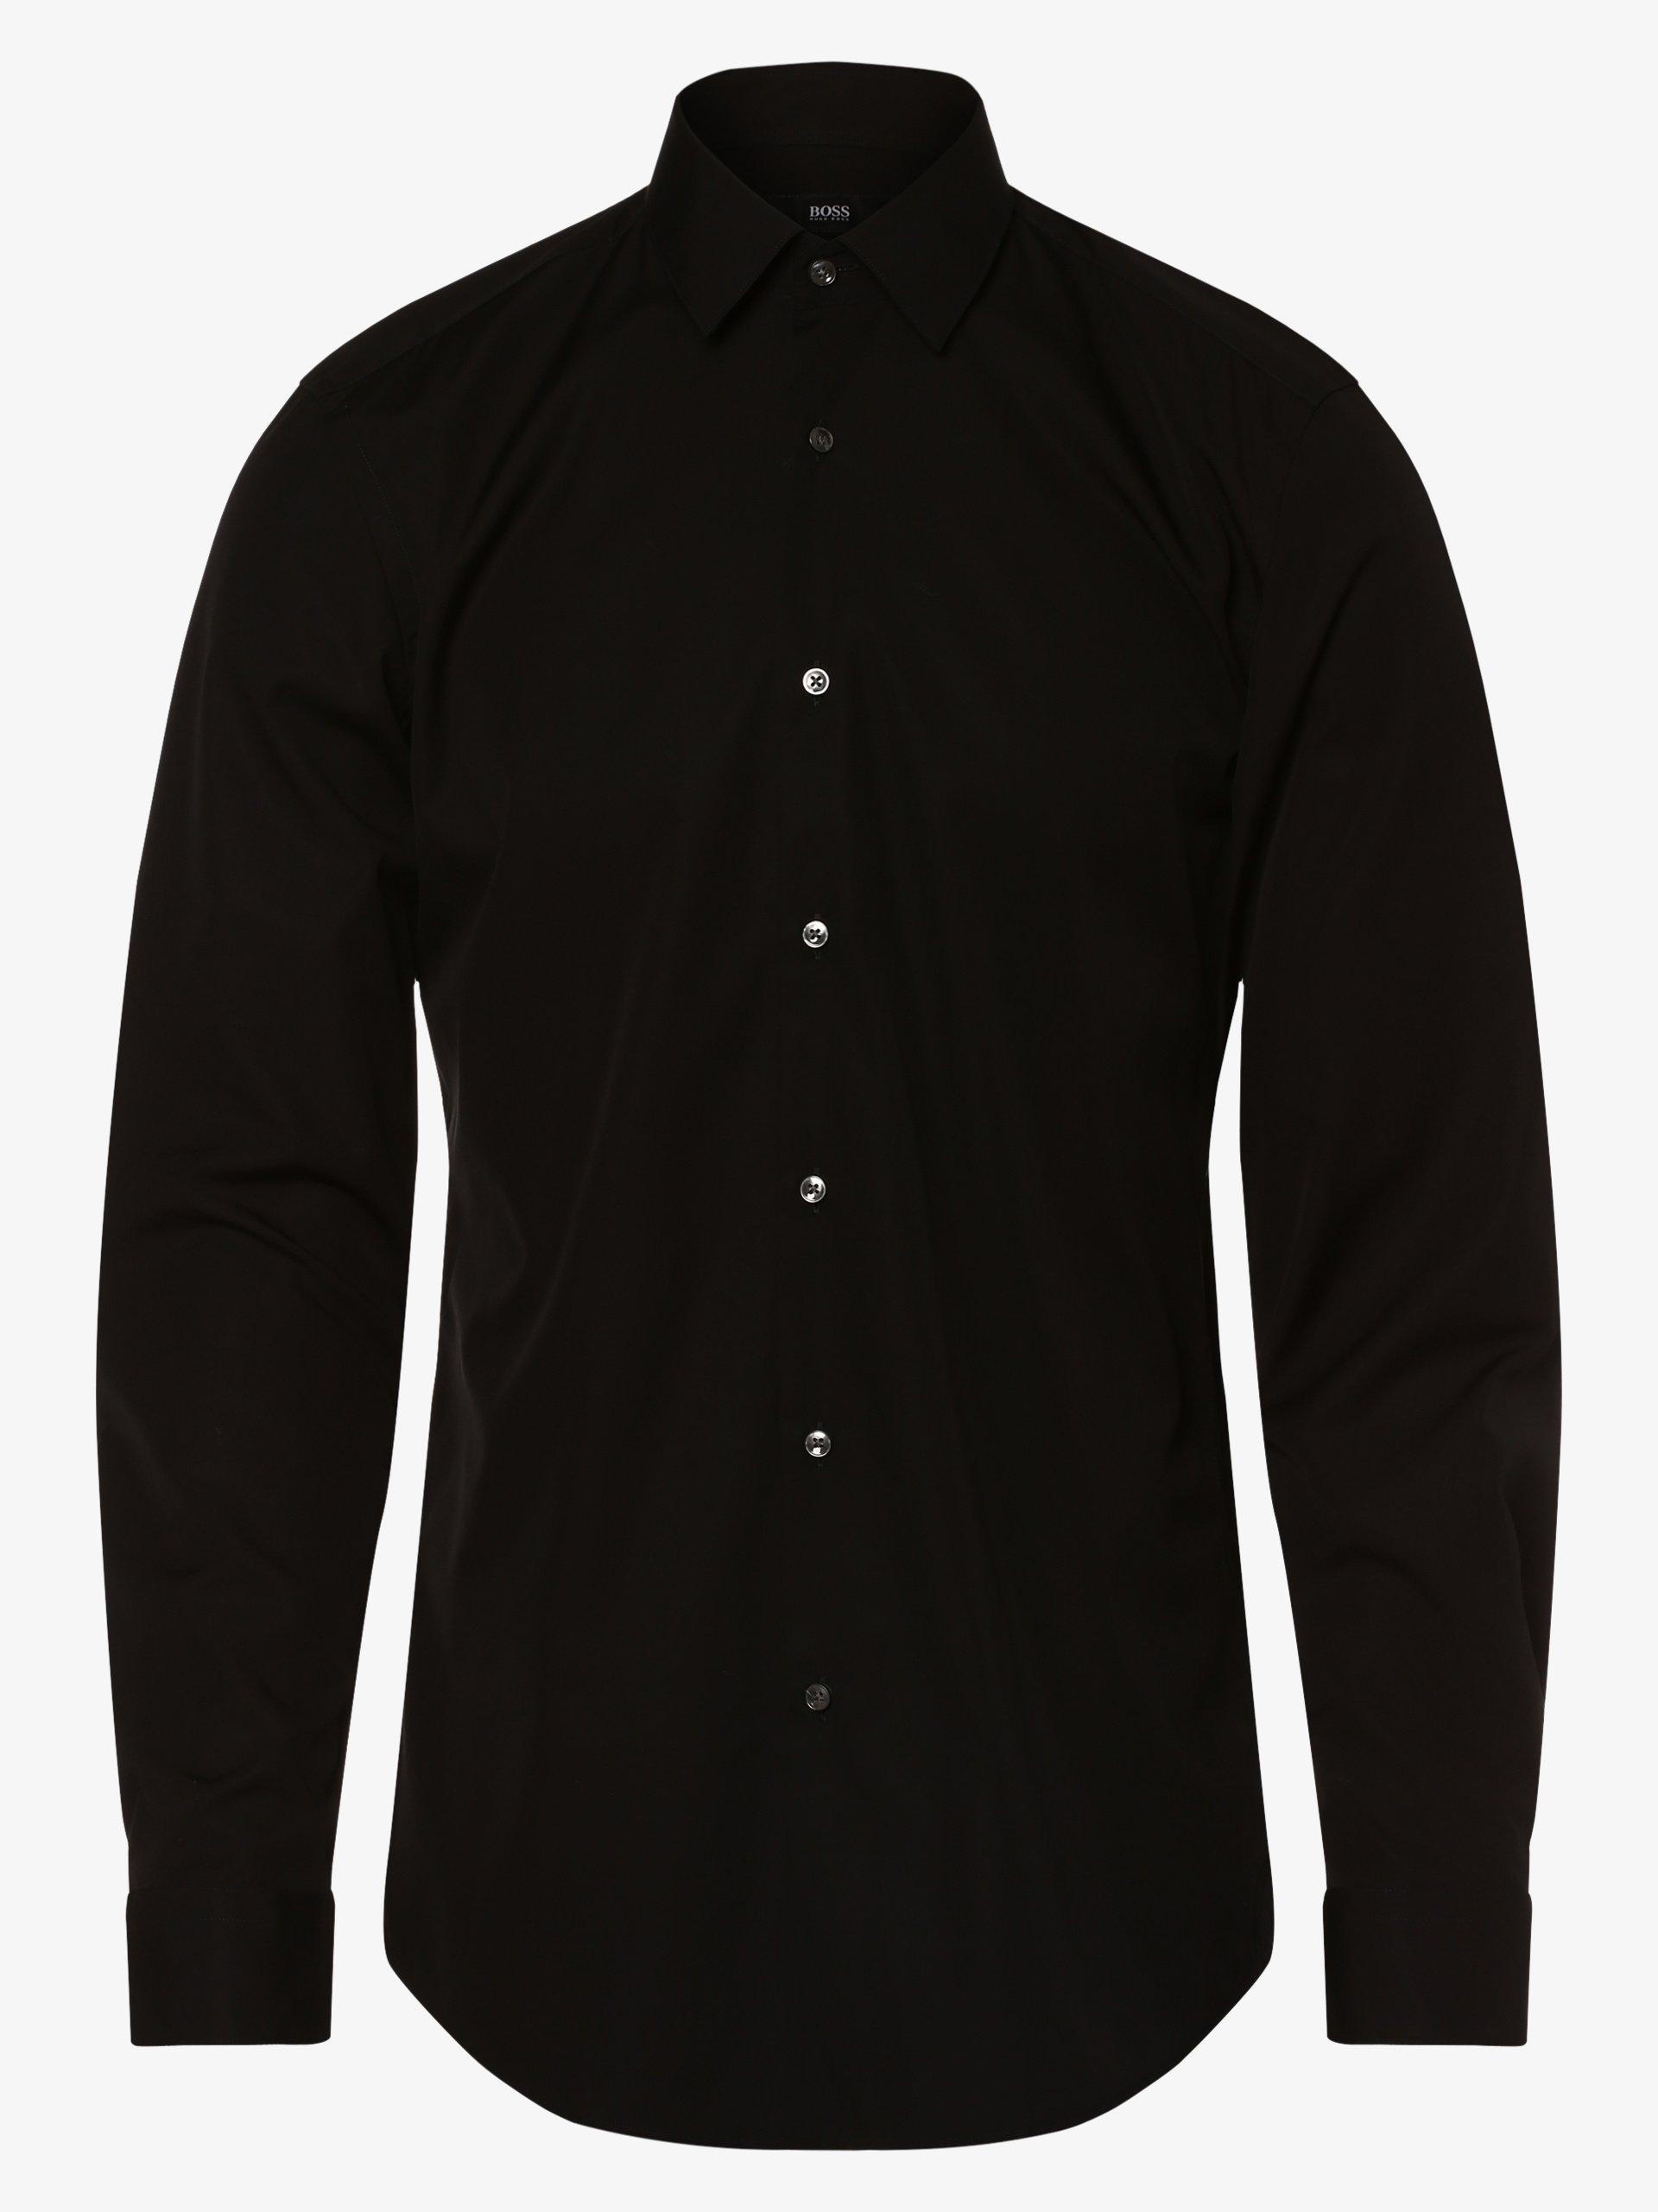 BOSS Herren Hemd - Bügelleicht - Isko